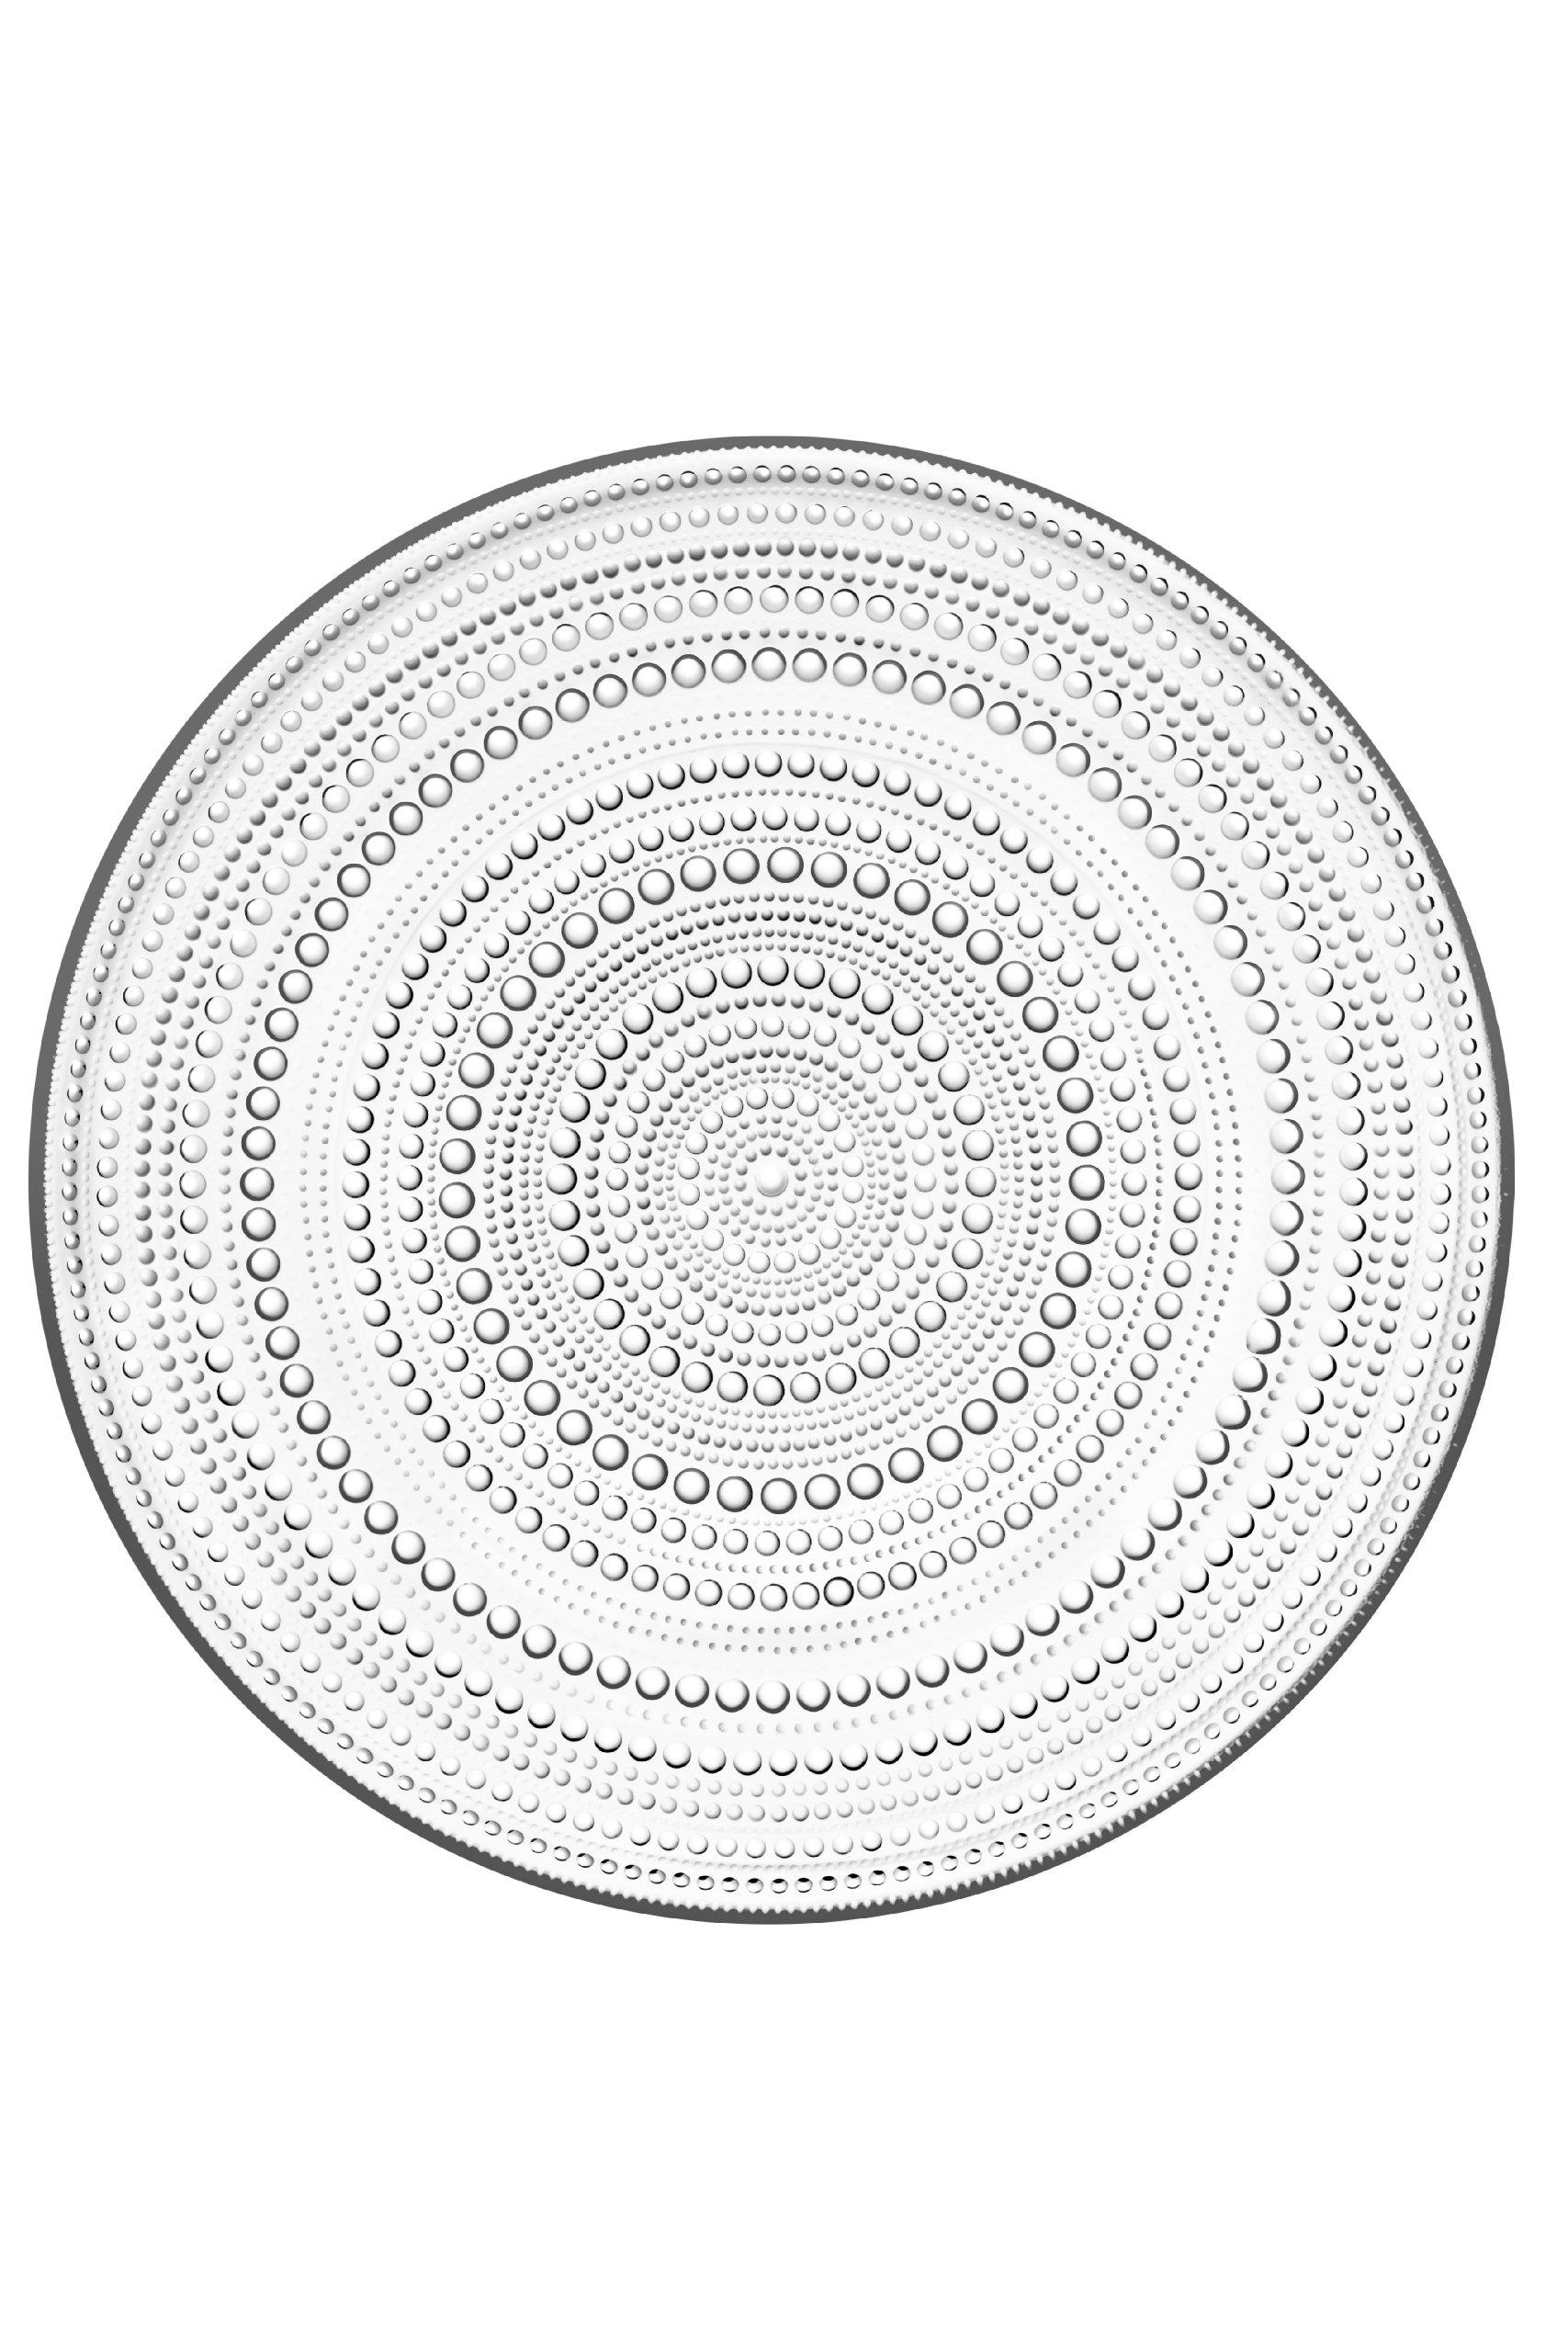 Iittala Kastehelmi Dew Drop Round Clear Glass Plate, 12-1/2-Inch Diameter